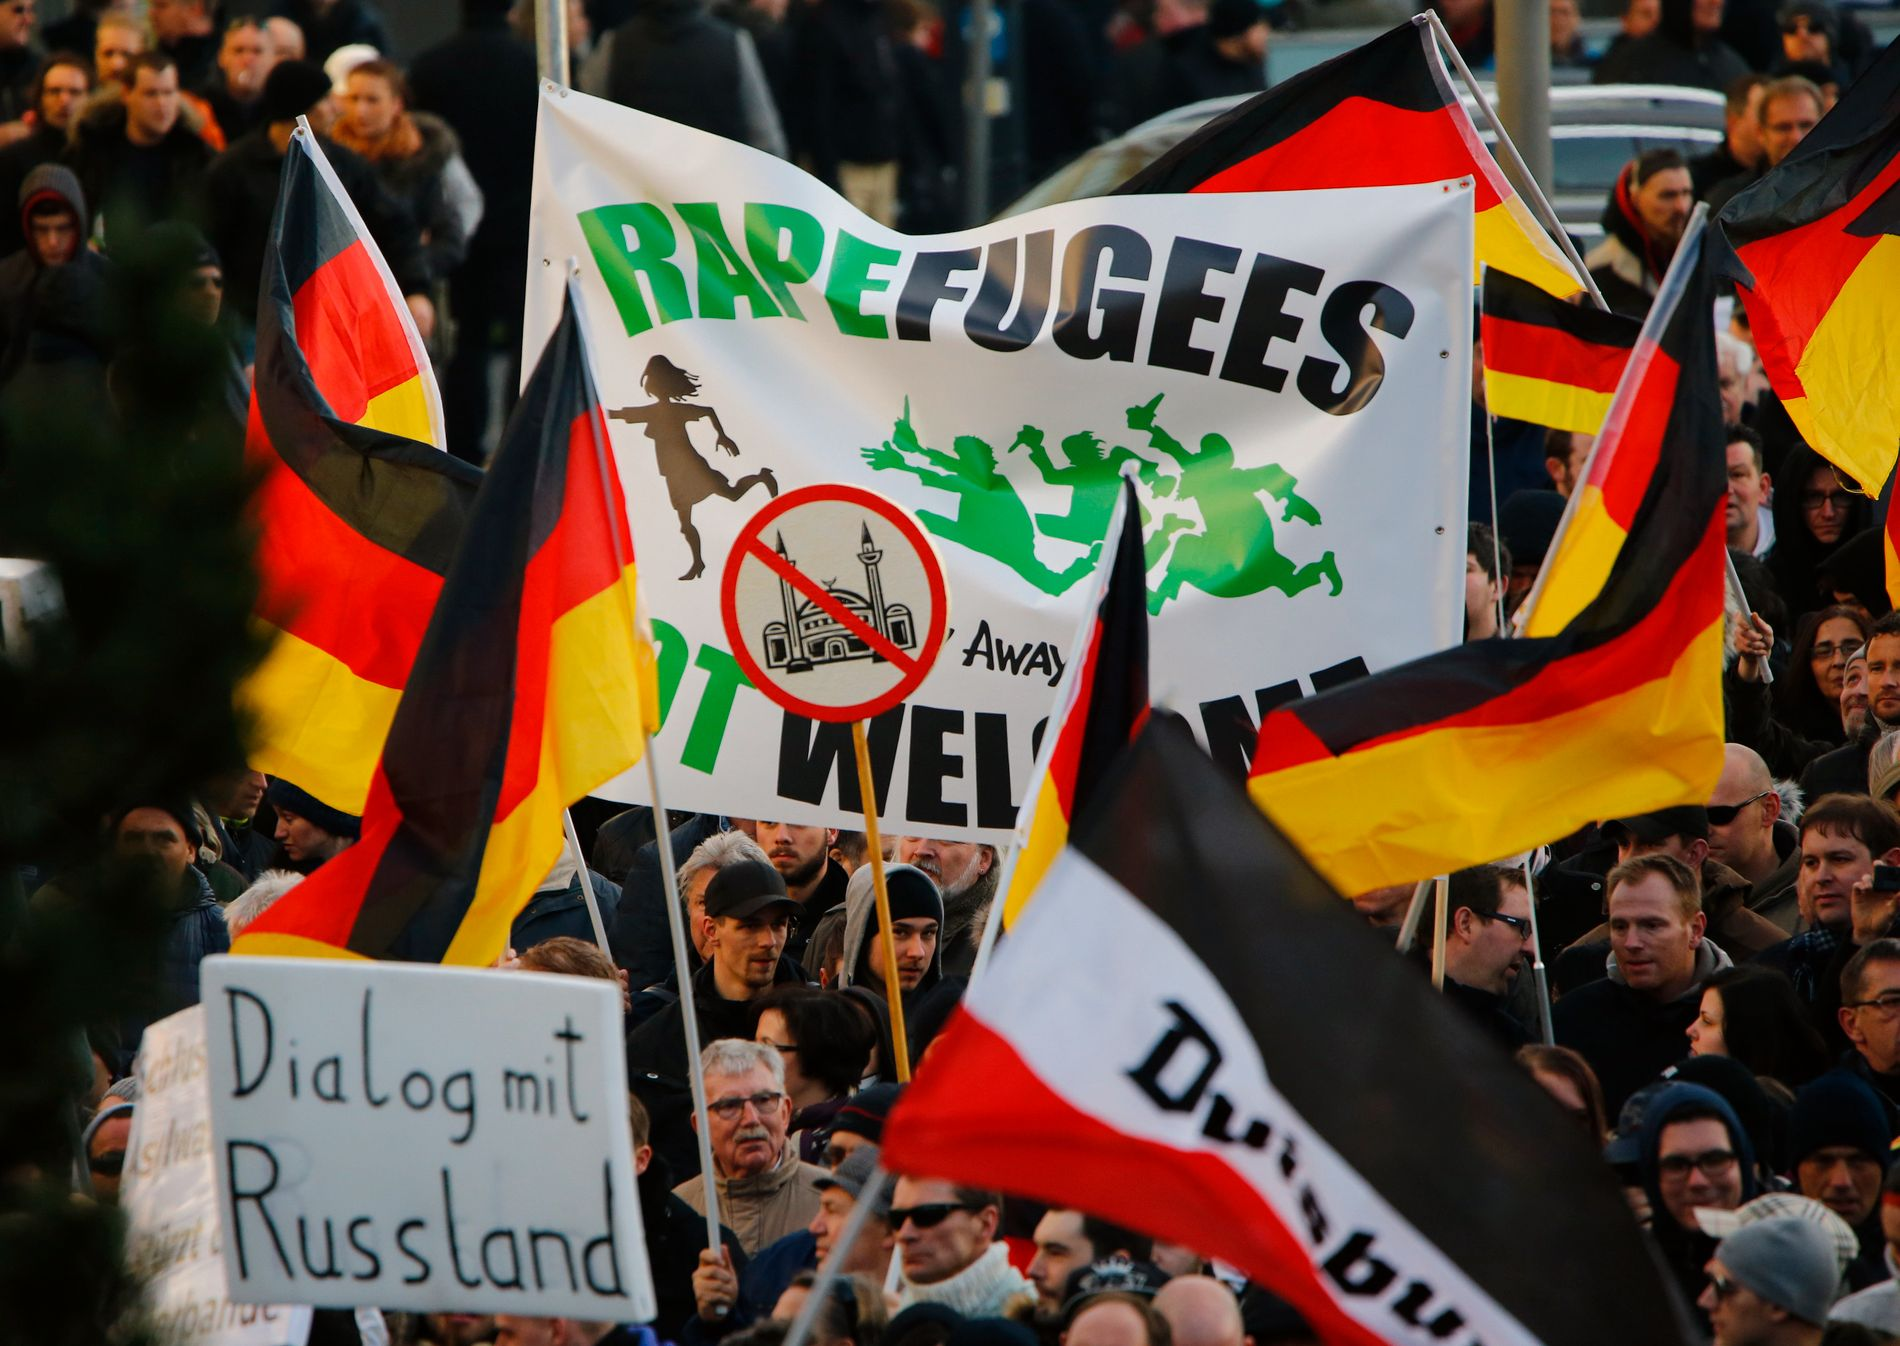 FORAKT MOT FLYKTNINGER: Anti-immigrasjonsbevegelsen PEGIDA demonstrerer mot flyktninger, kort tid etter masseovergrepene i Köln på nyttårsaften i fjor.  REUTERS/Wolfgang Rattay